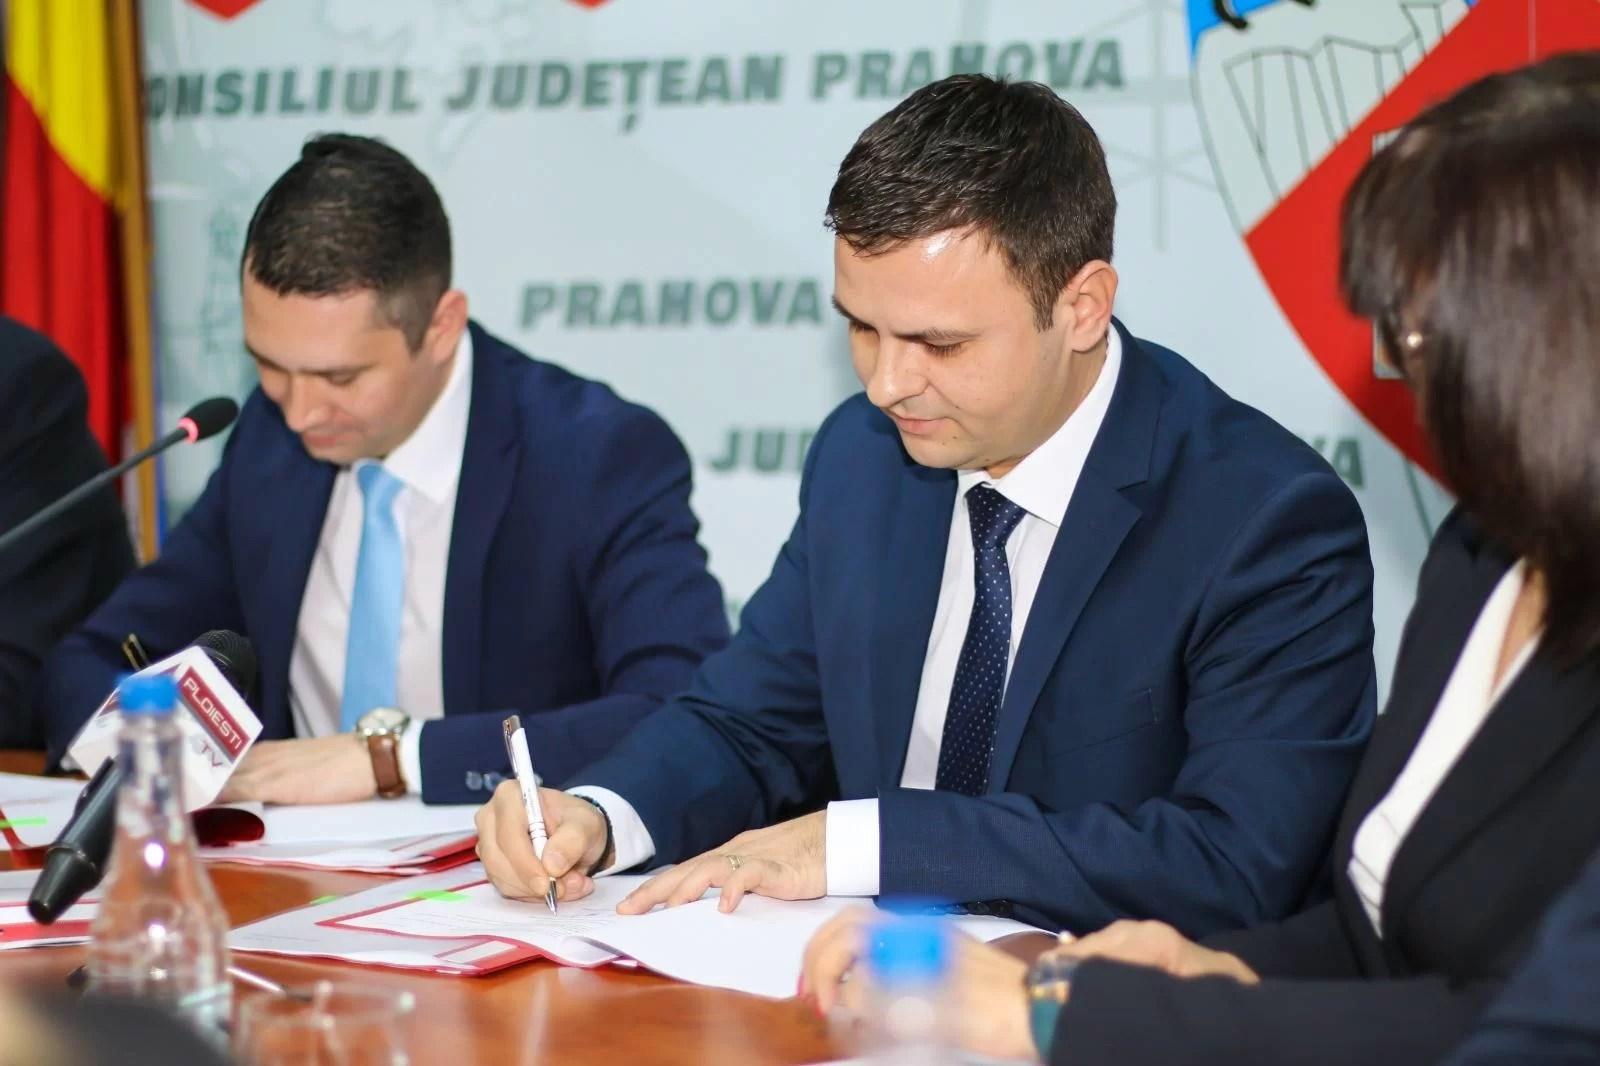 Șase mari contracte cu finanțare europeană pentru județul Prahova, semnate azi